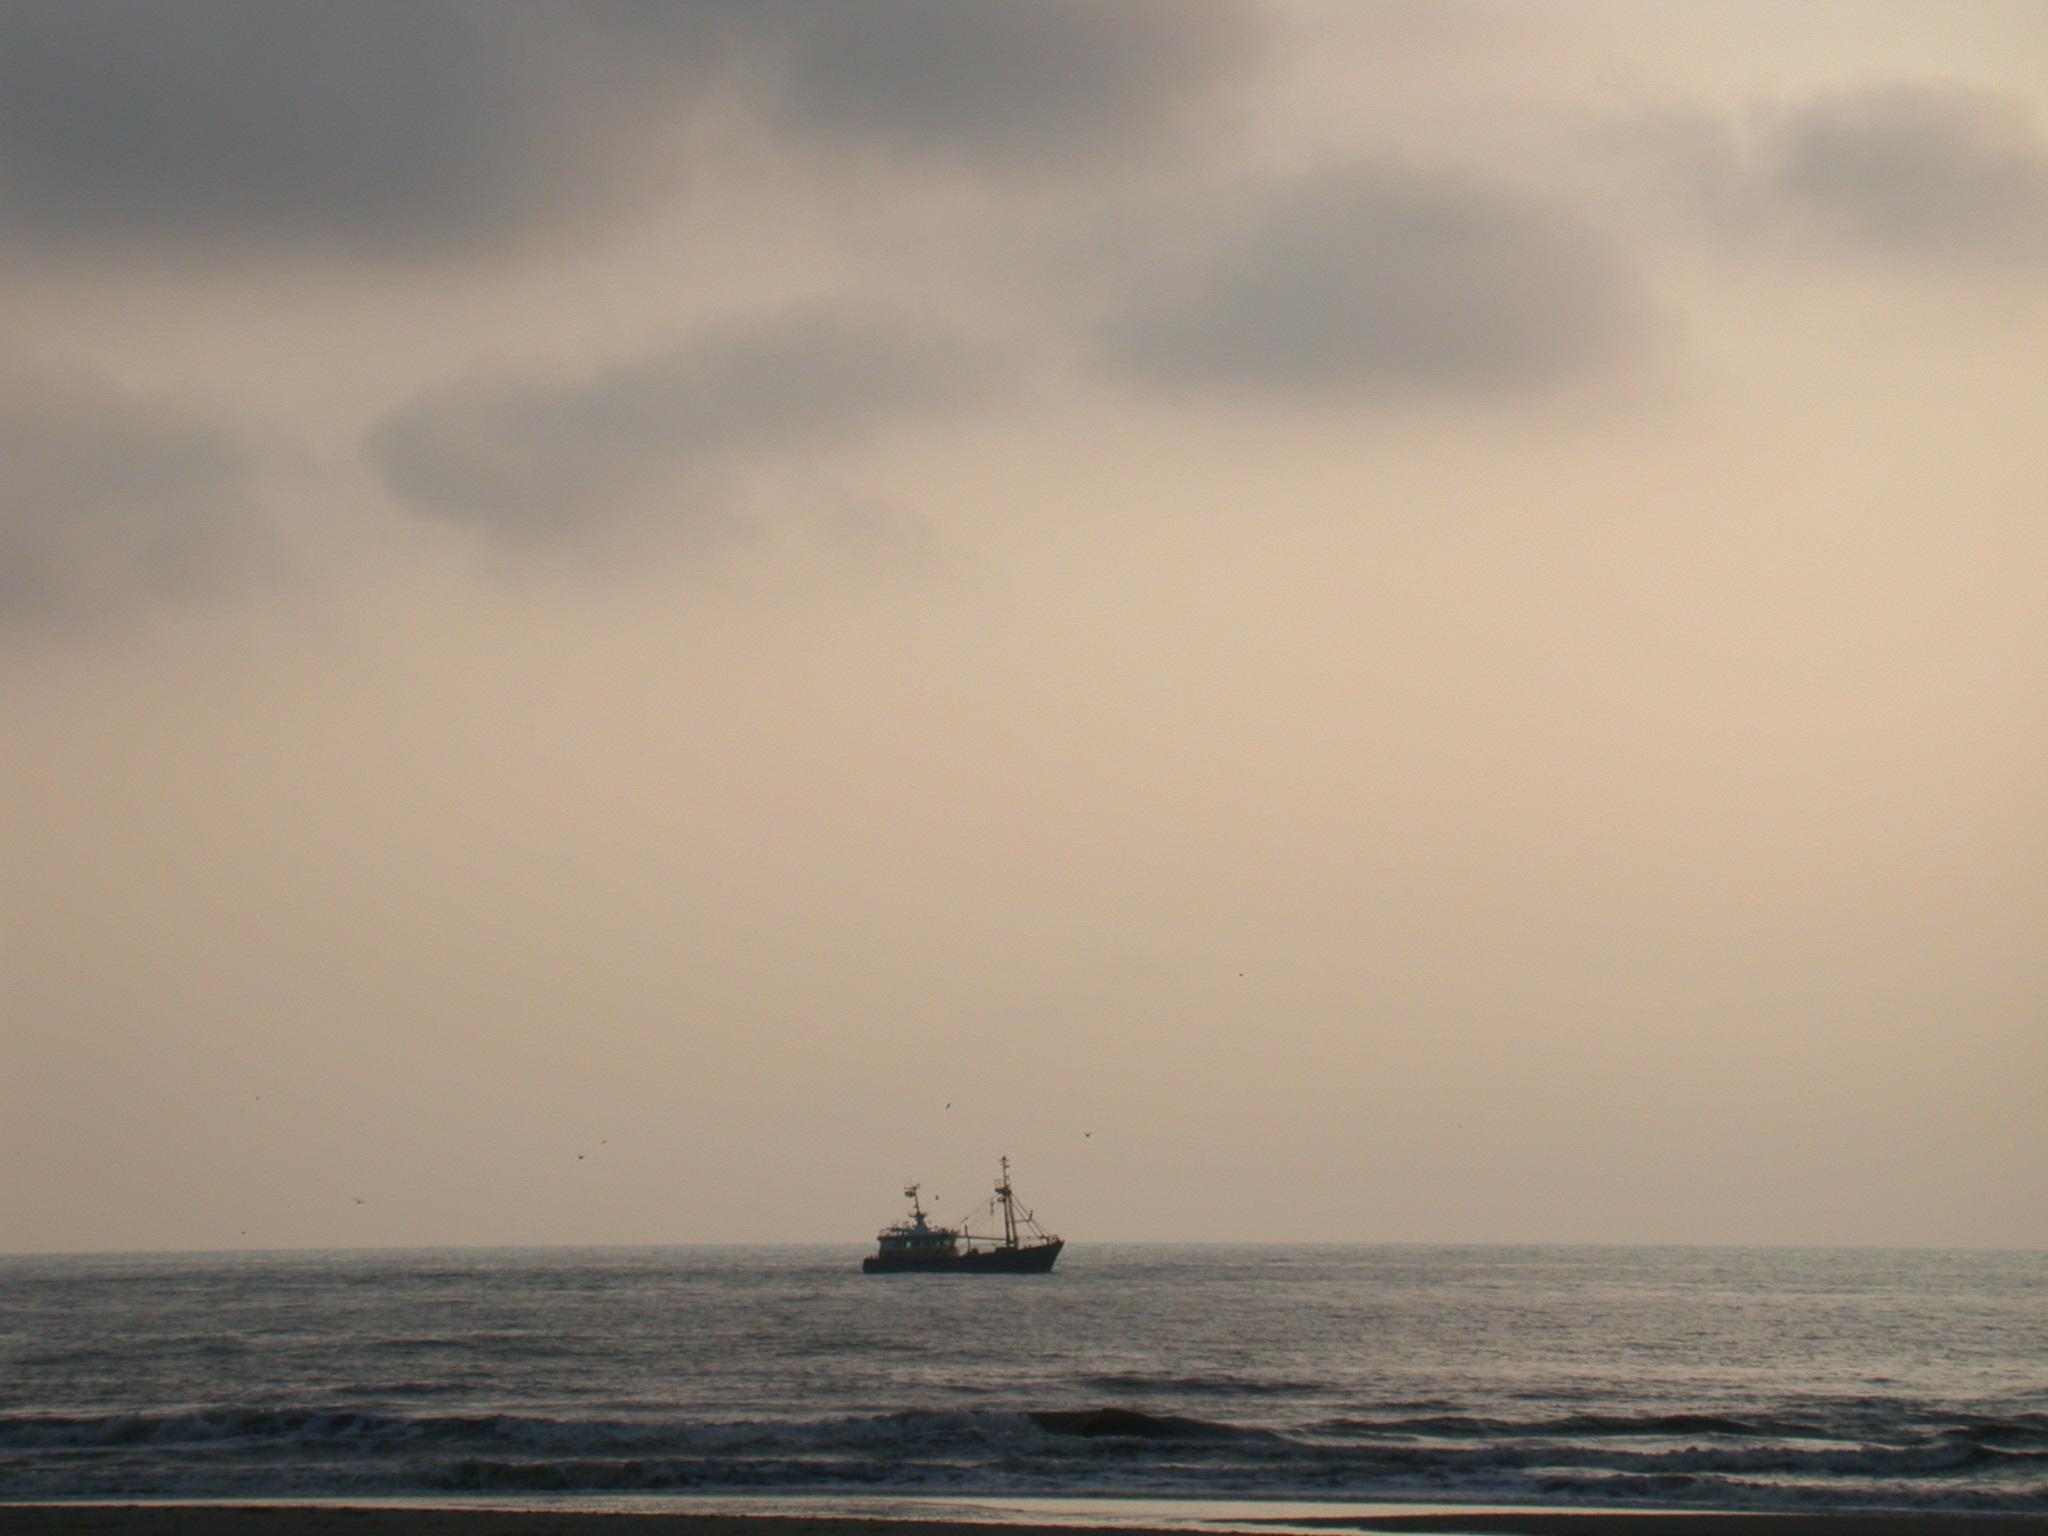 ship at sea ocean fisherman